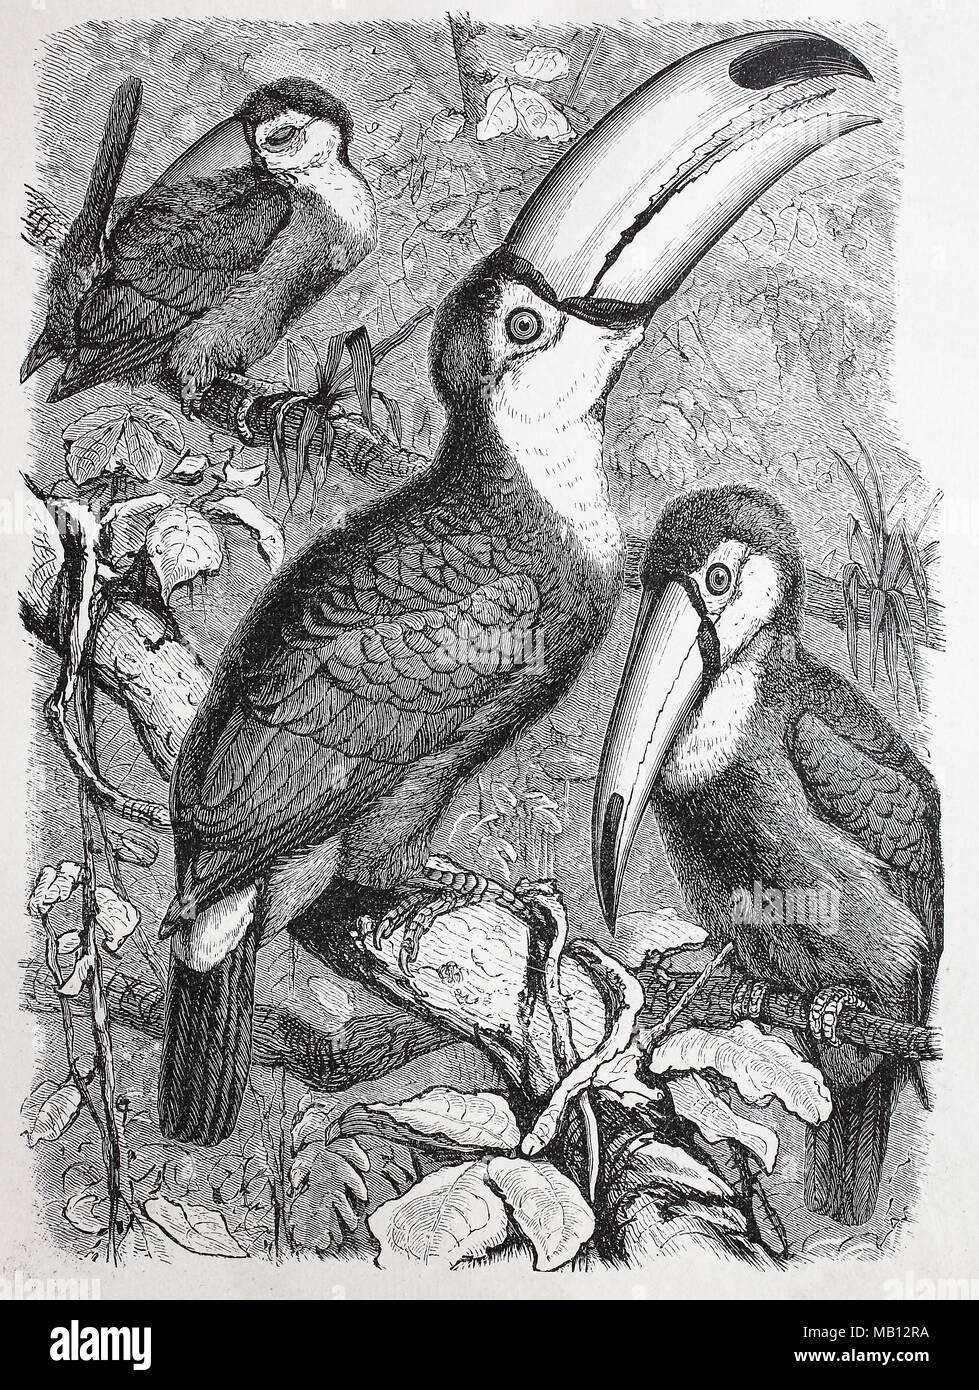 Riesentukan, Ramphastos toco, gemeinsame Toucan, riesige Toucan, digital verbesserte Reproduktion einer Vorlage drucken aus dem Jahr 1895 Stockbild